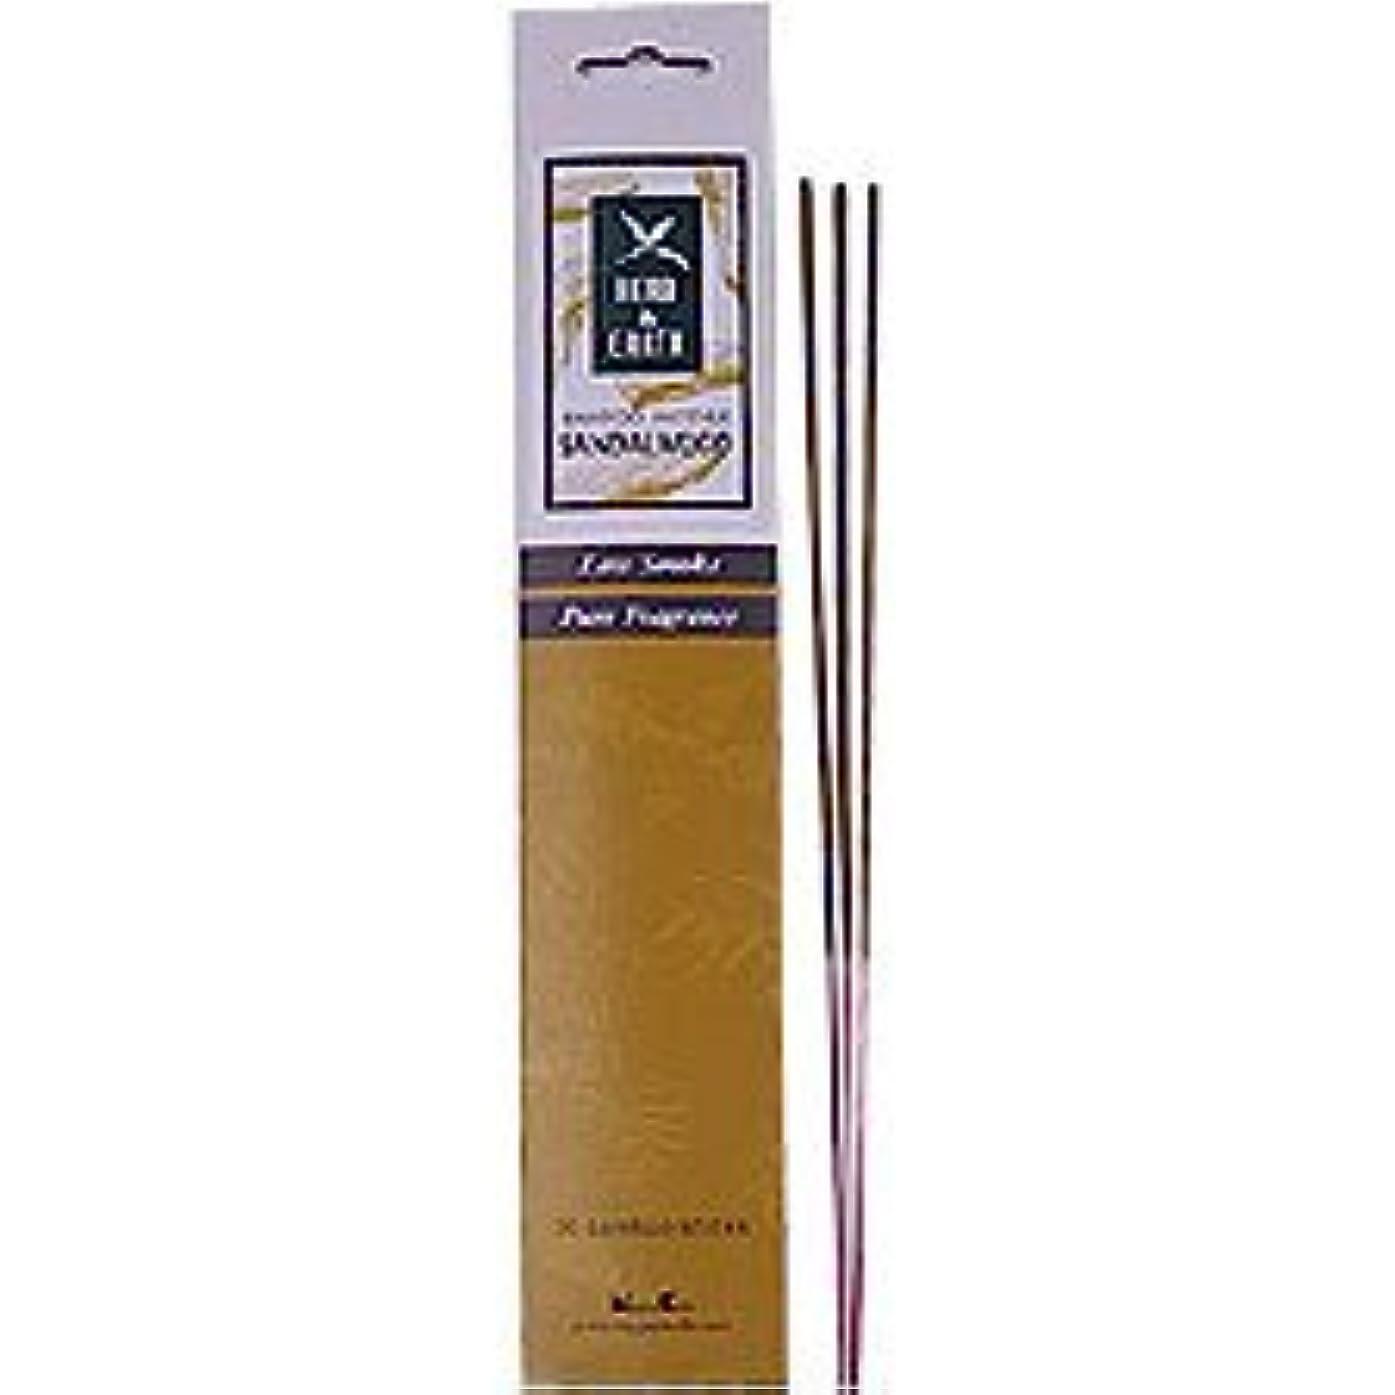 ぼんやりした死コジオスコSandalwood - Herb and Earth Incense From Nippon Kodo - 20 Stick Package by Herb & Earth [並行輸入品]